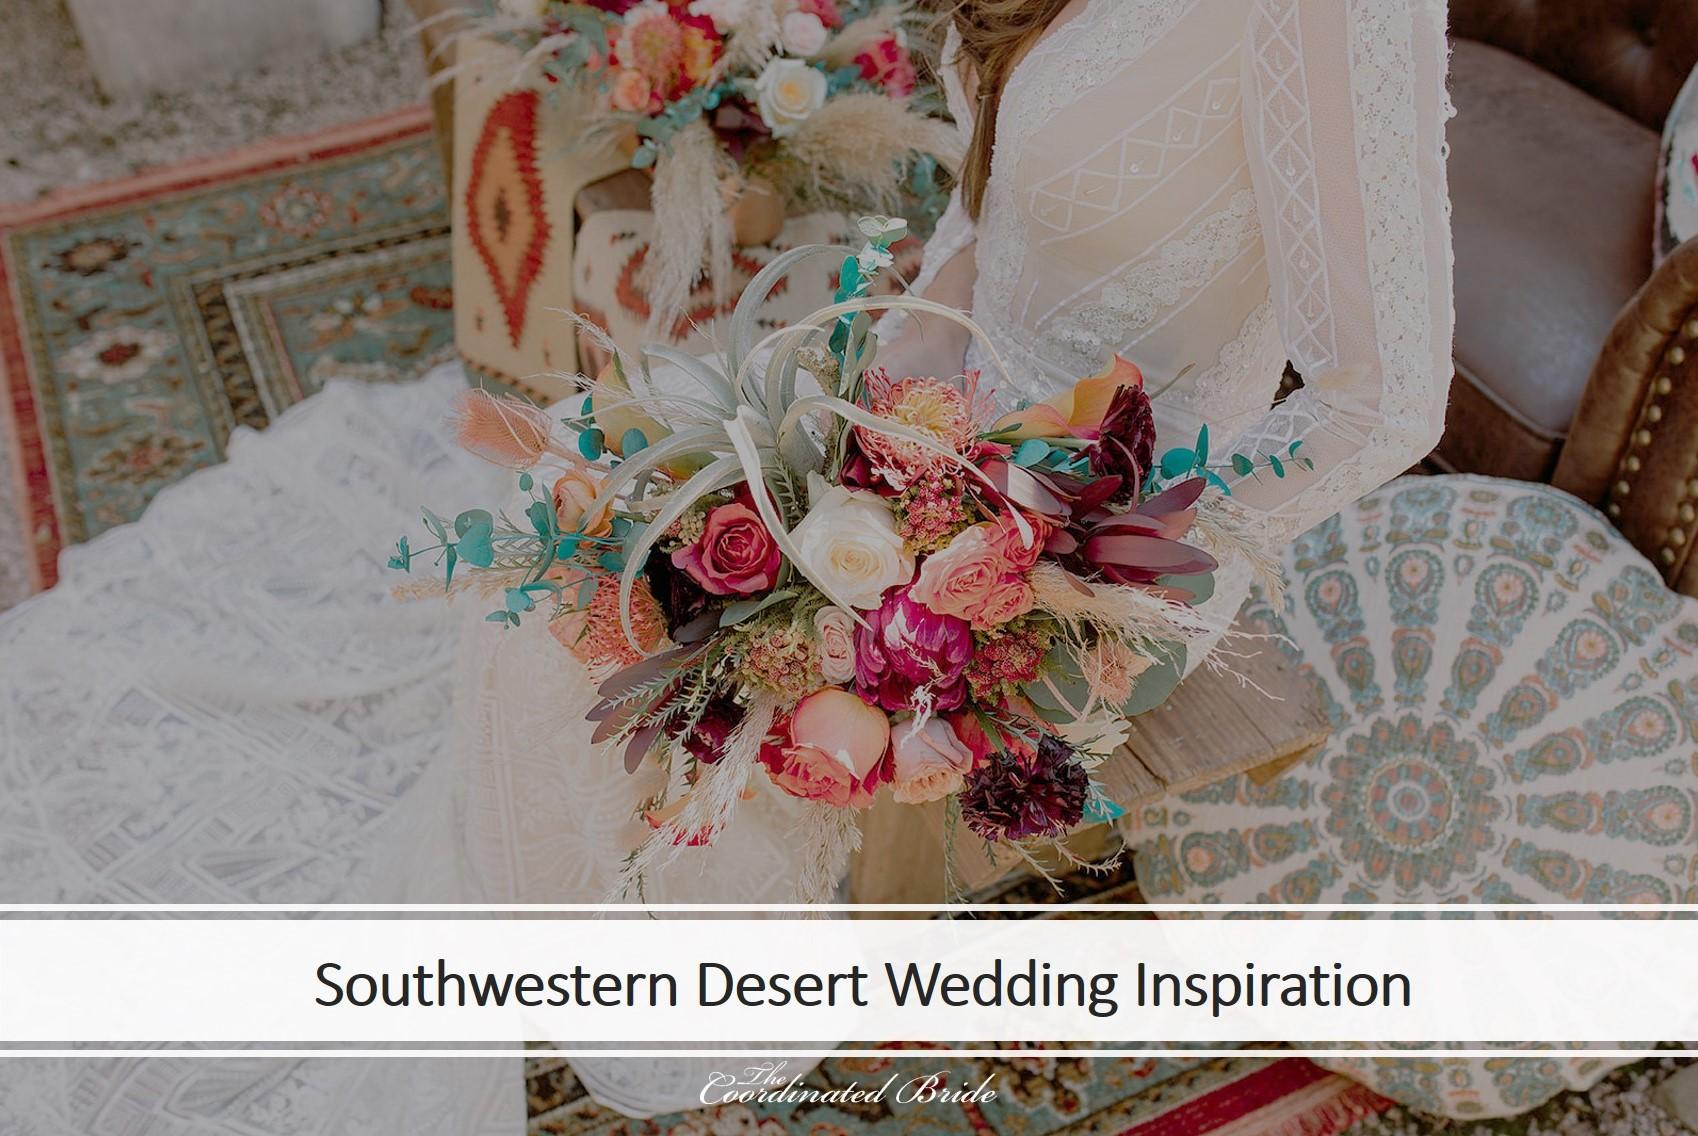 Southwestern Desert Wedding Inspiration Shoot in Texas